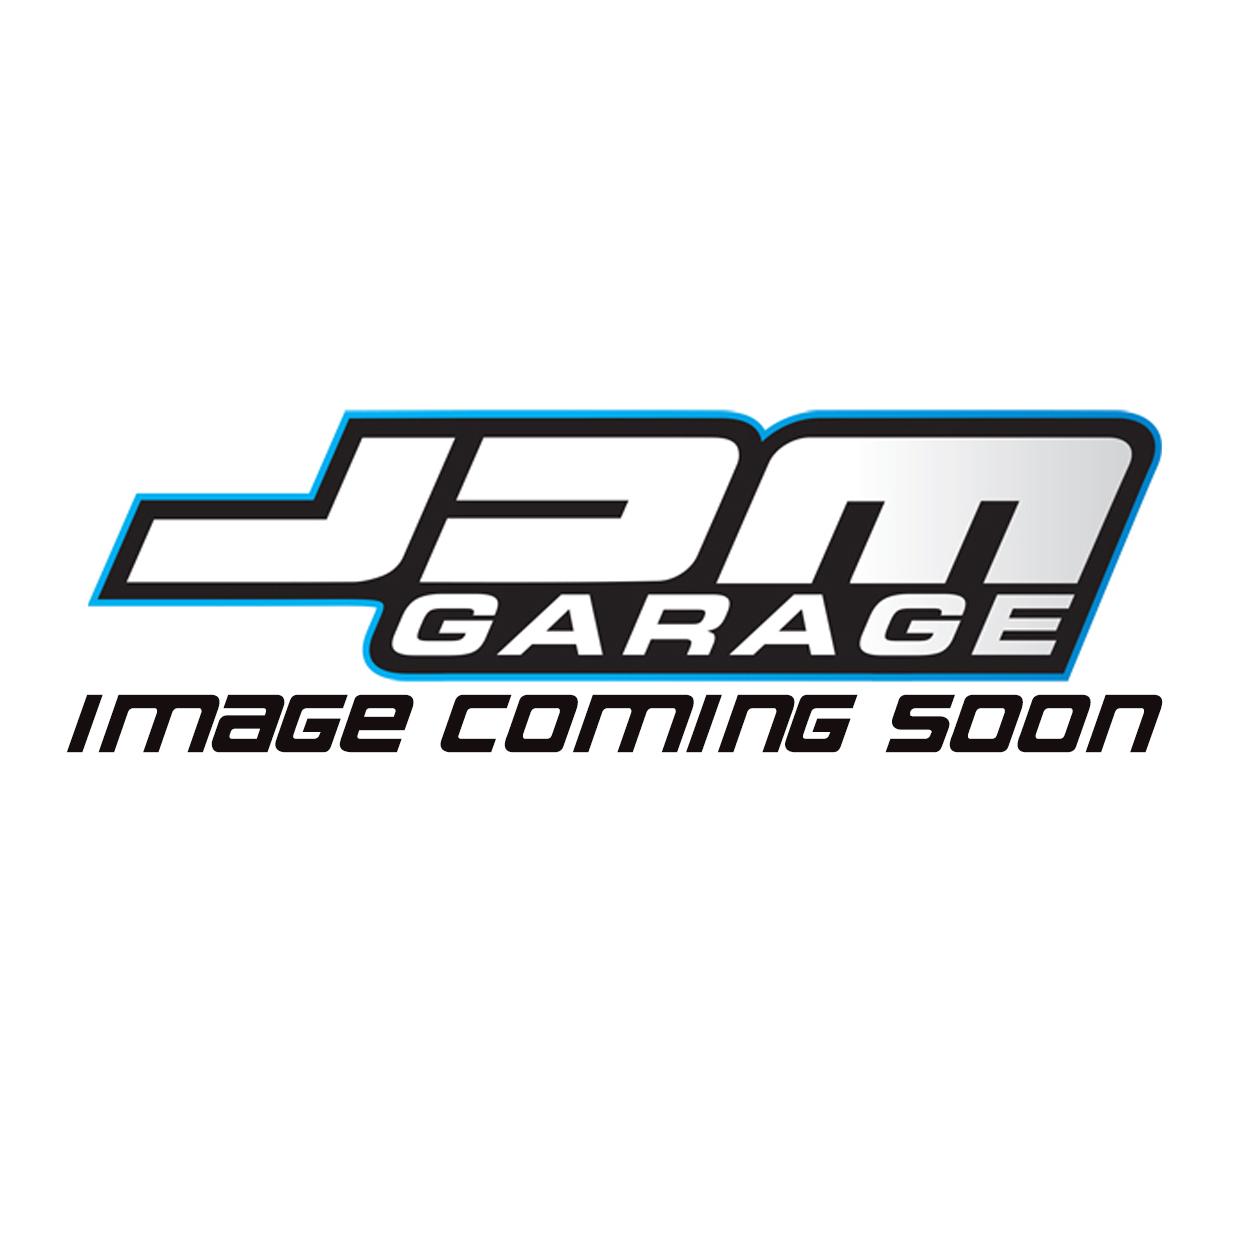 Exedy Clutch Kit Organic / Paddle For Mazda MX5 NA / NB 1.6 / 1.8 B6-ZE